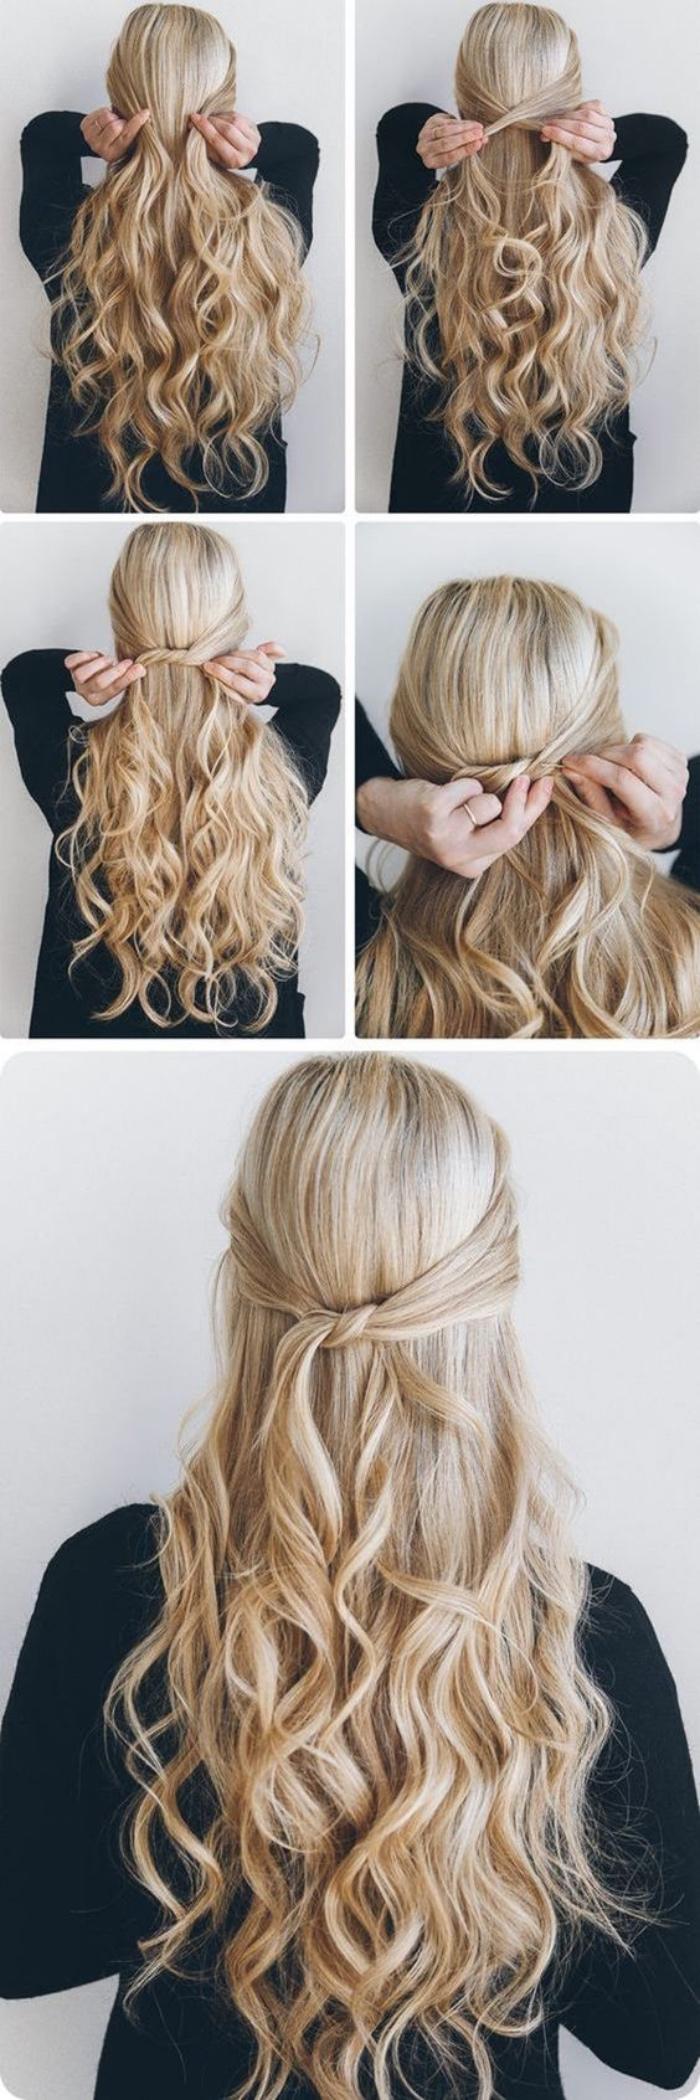 idée coiffure femme simple, des mèches de devant croisées derrière, cheveux longs bouclés, coiffure a faire en quelques minutes